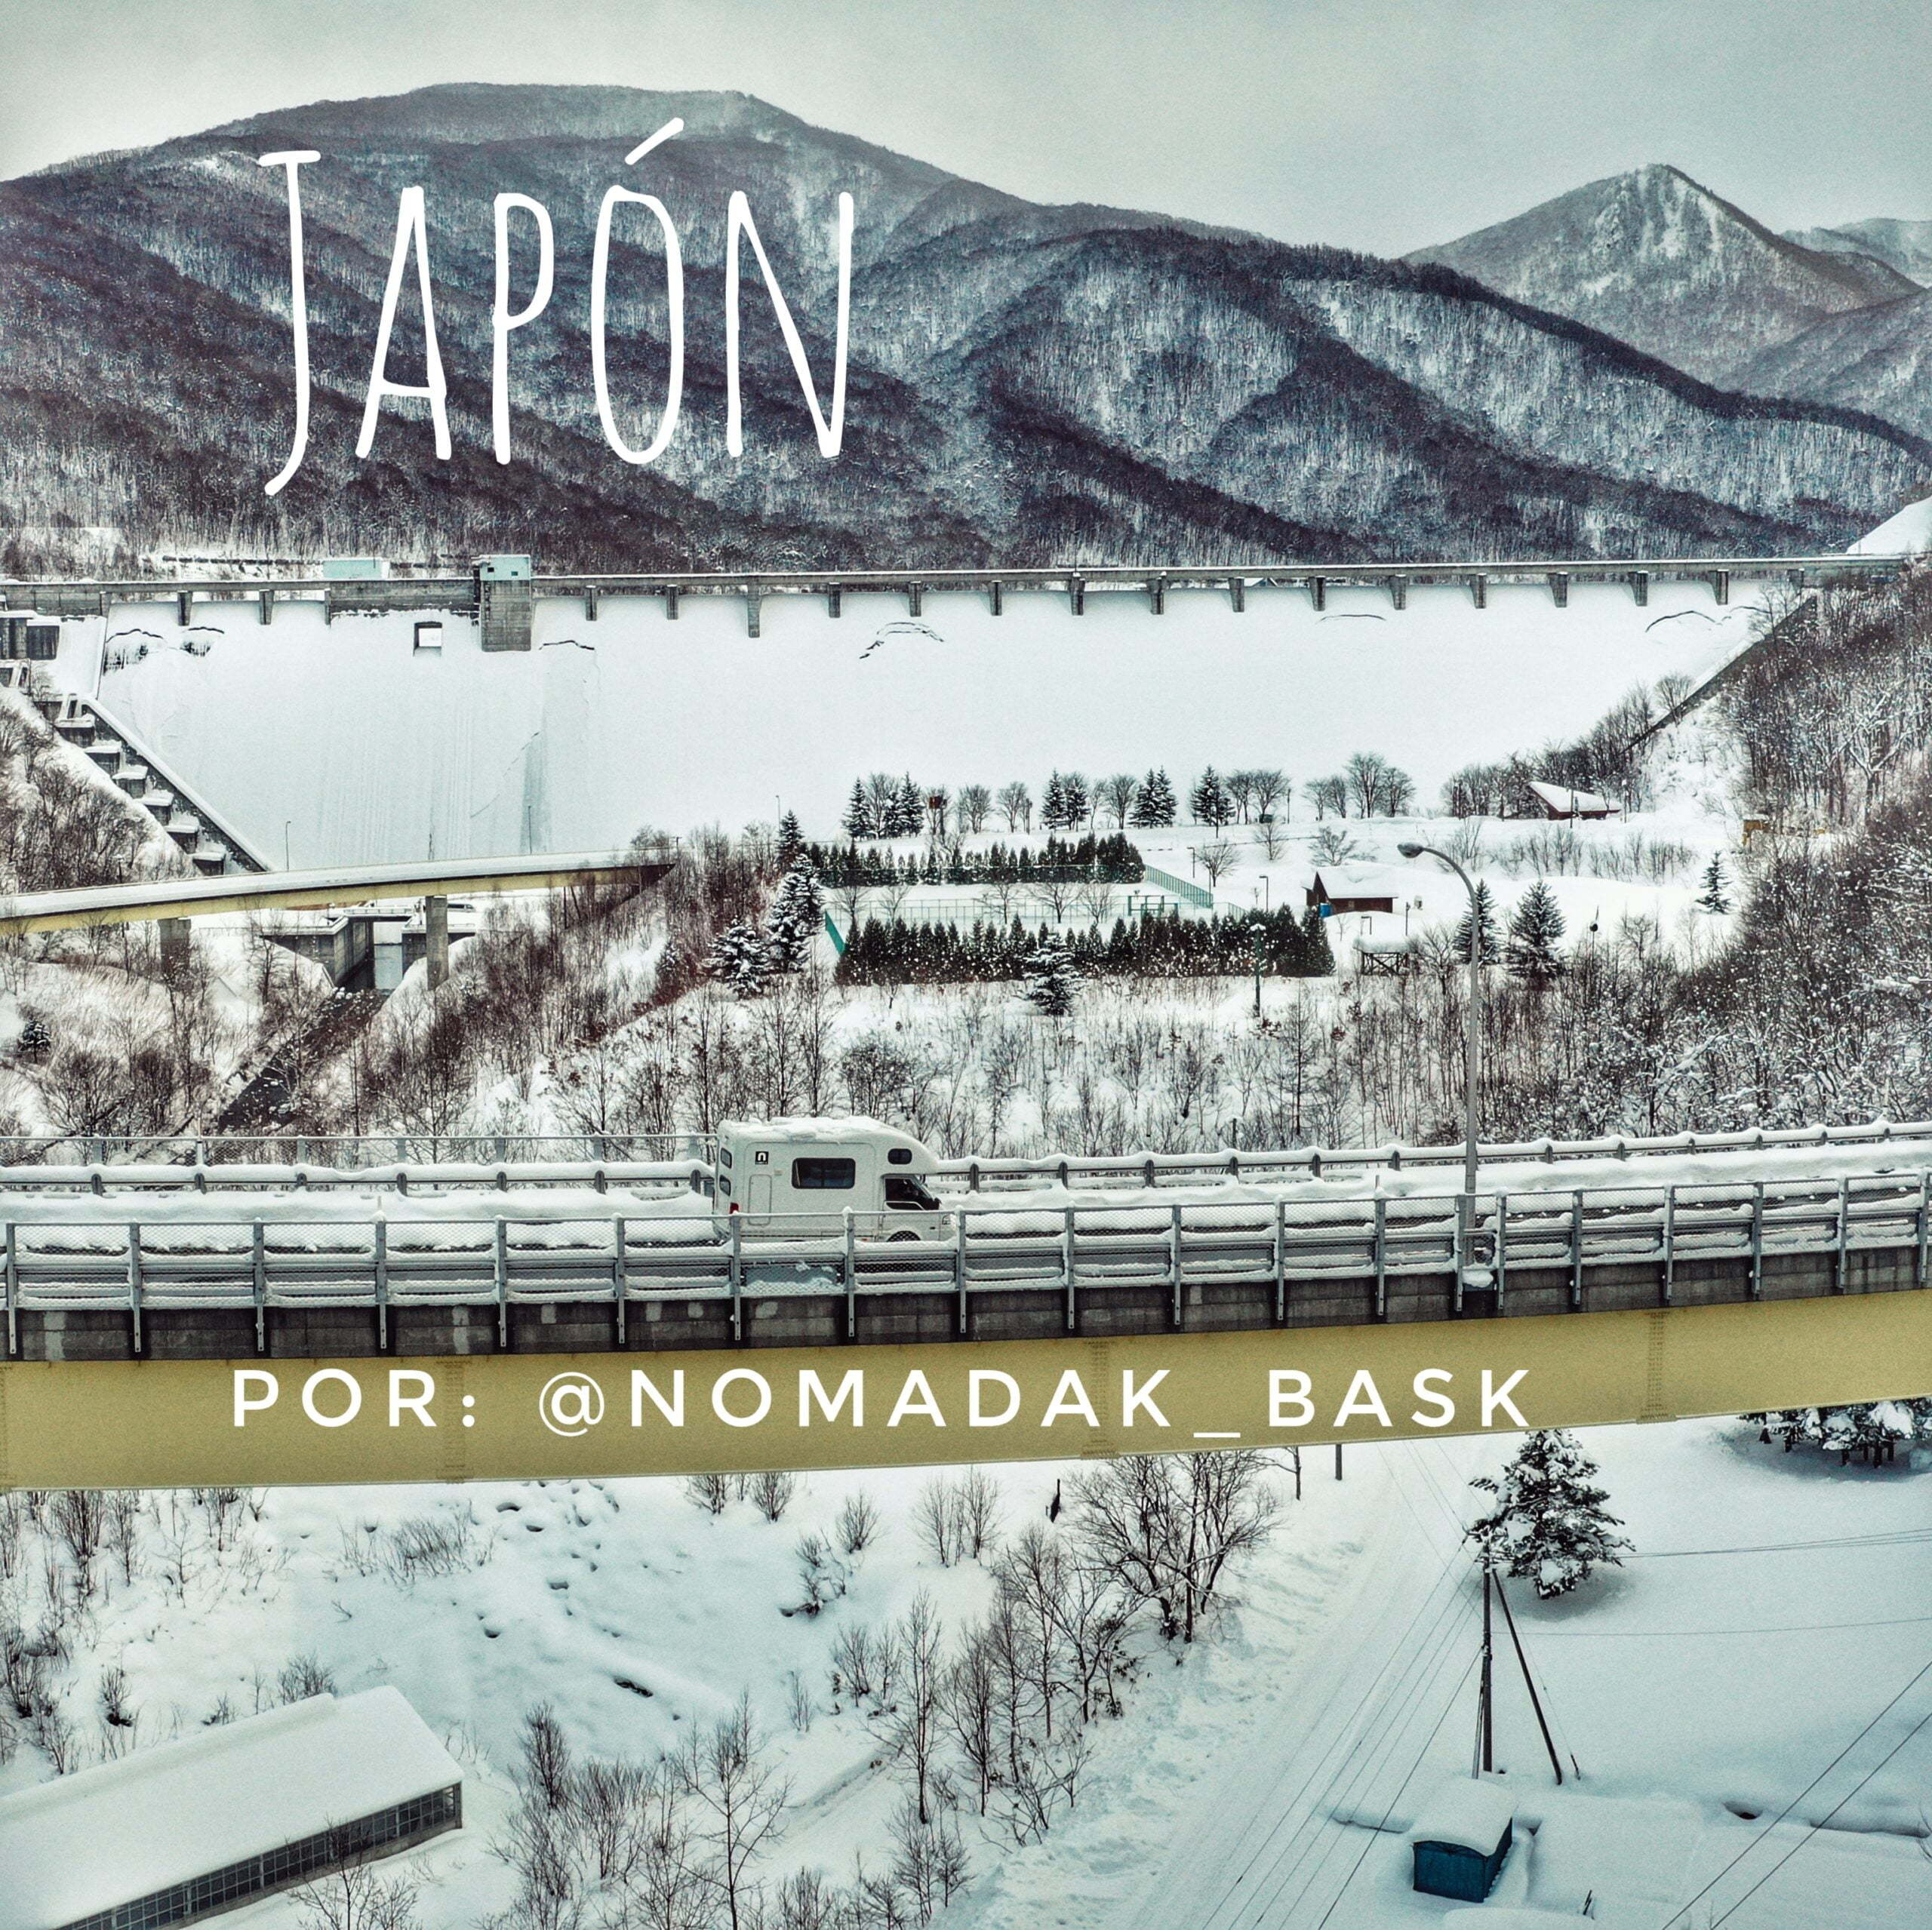 Japón en autocaravana, un viaje para amantes del esquí por @nomadak_bask